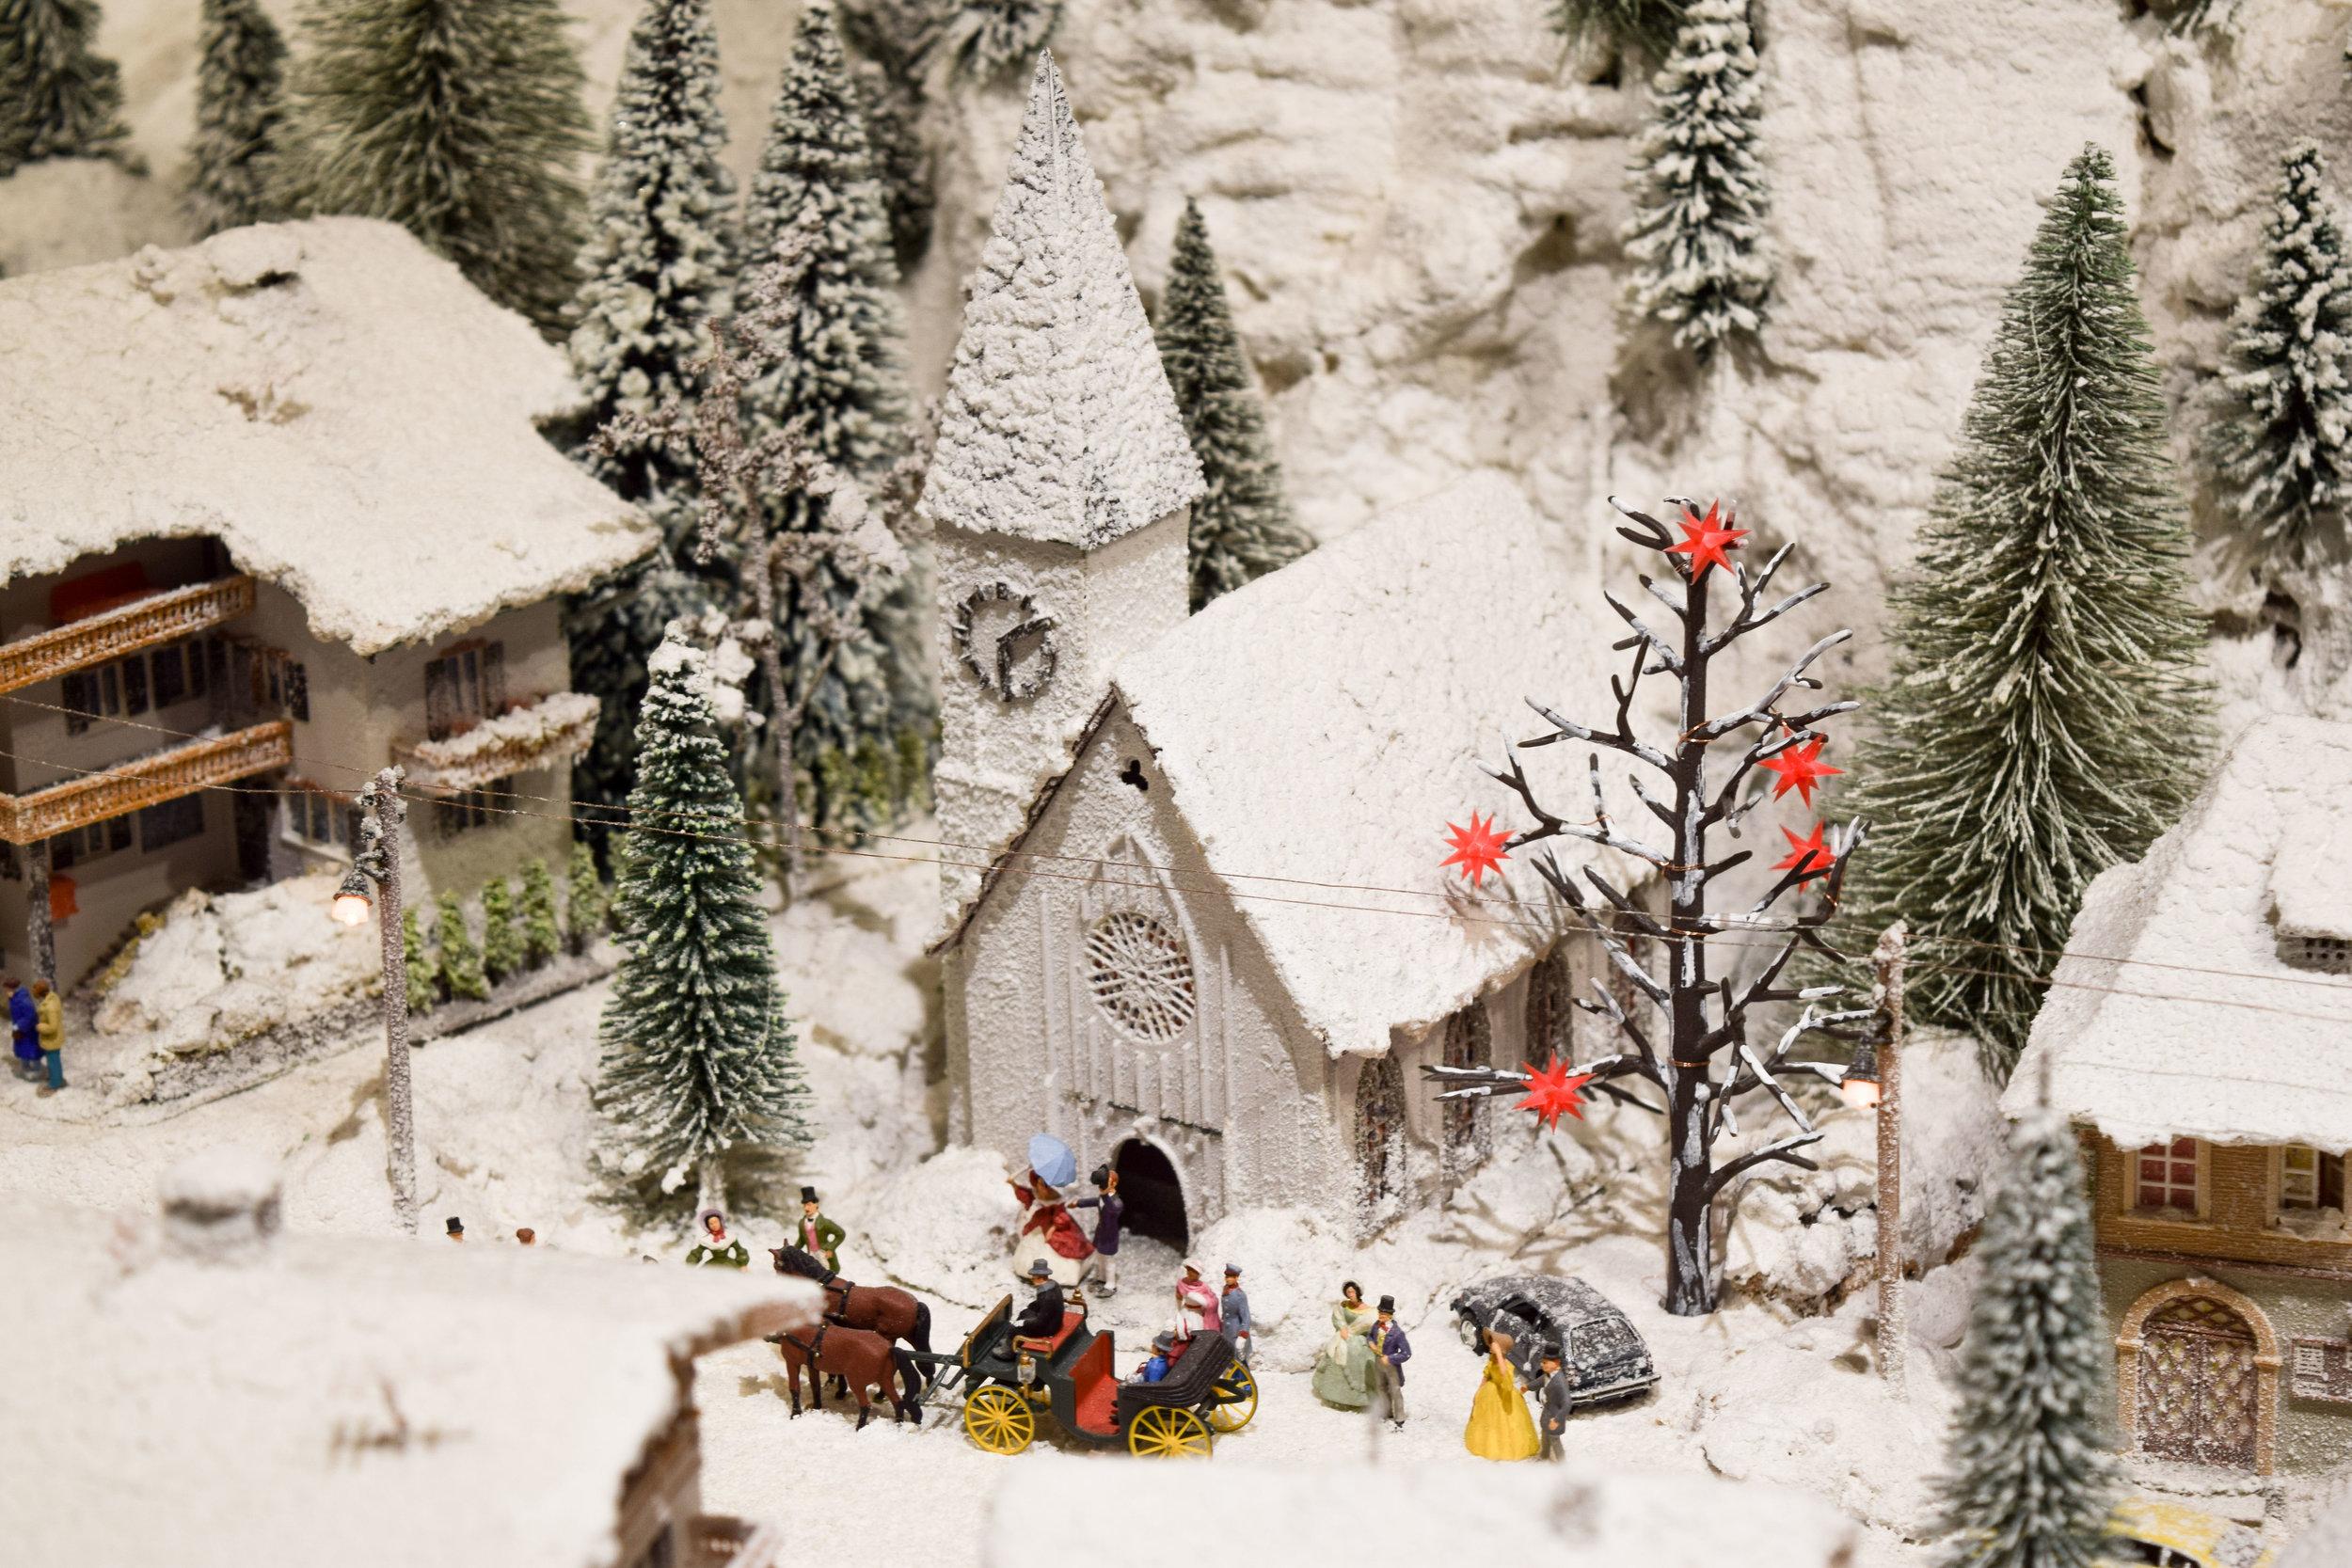 Winter scene at the Desert Model Railroad